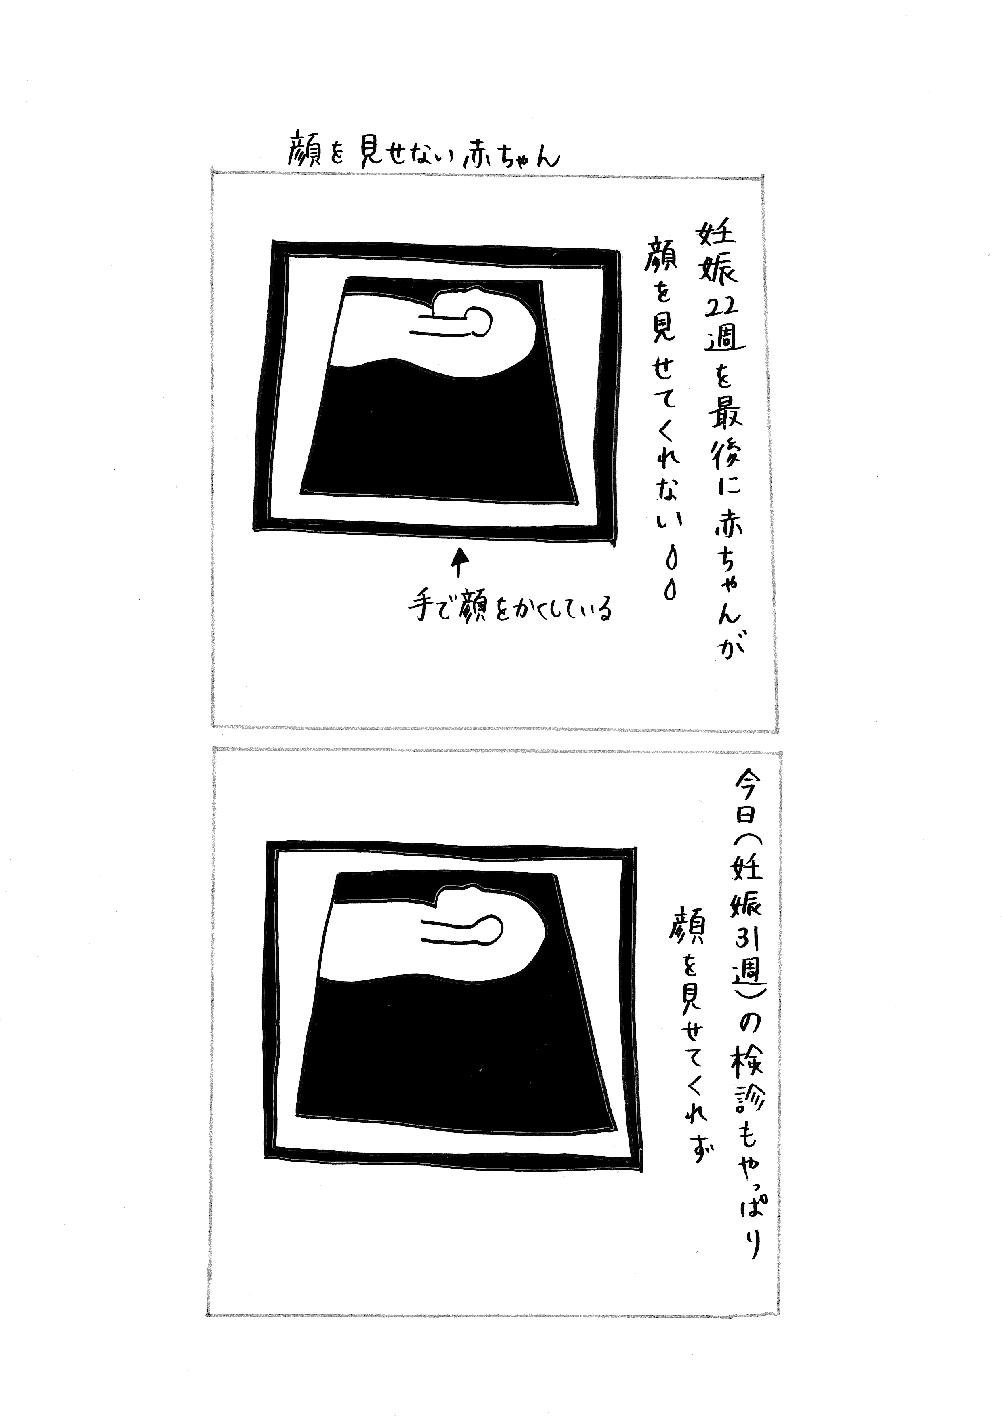 エコー写真.jpg